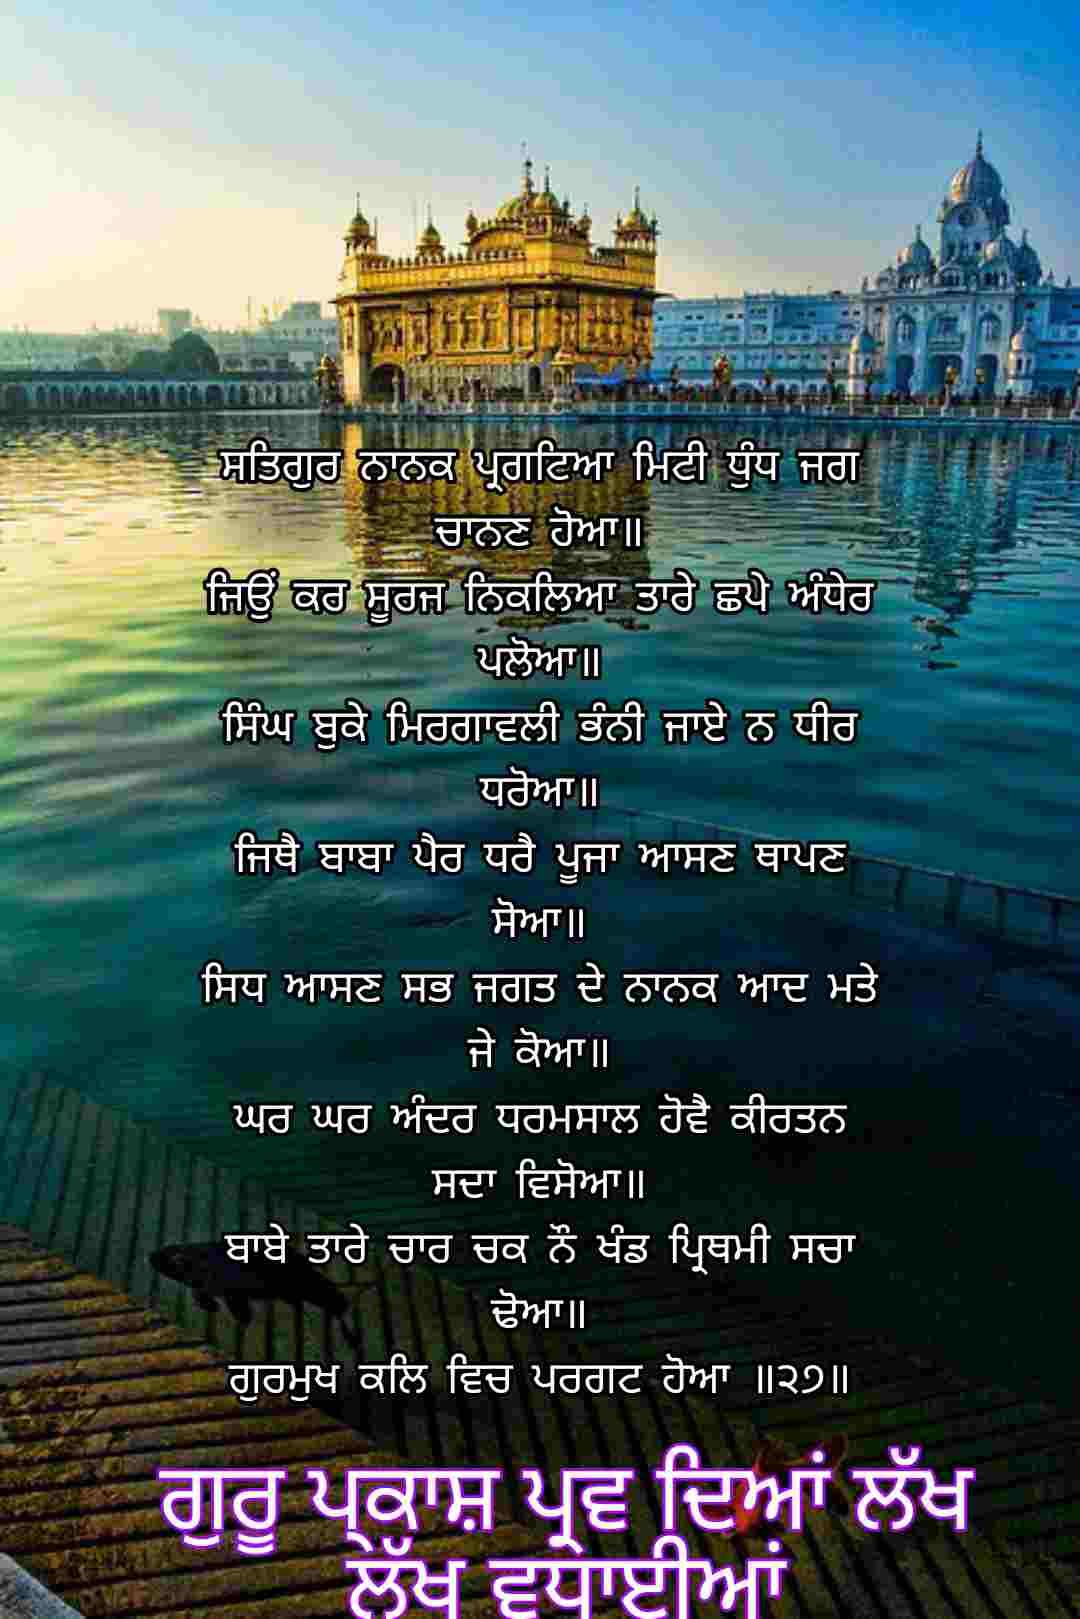 551 happy gurupurab wishes images